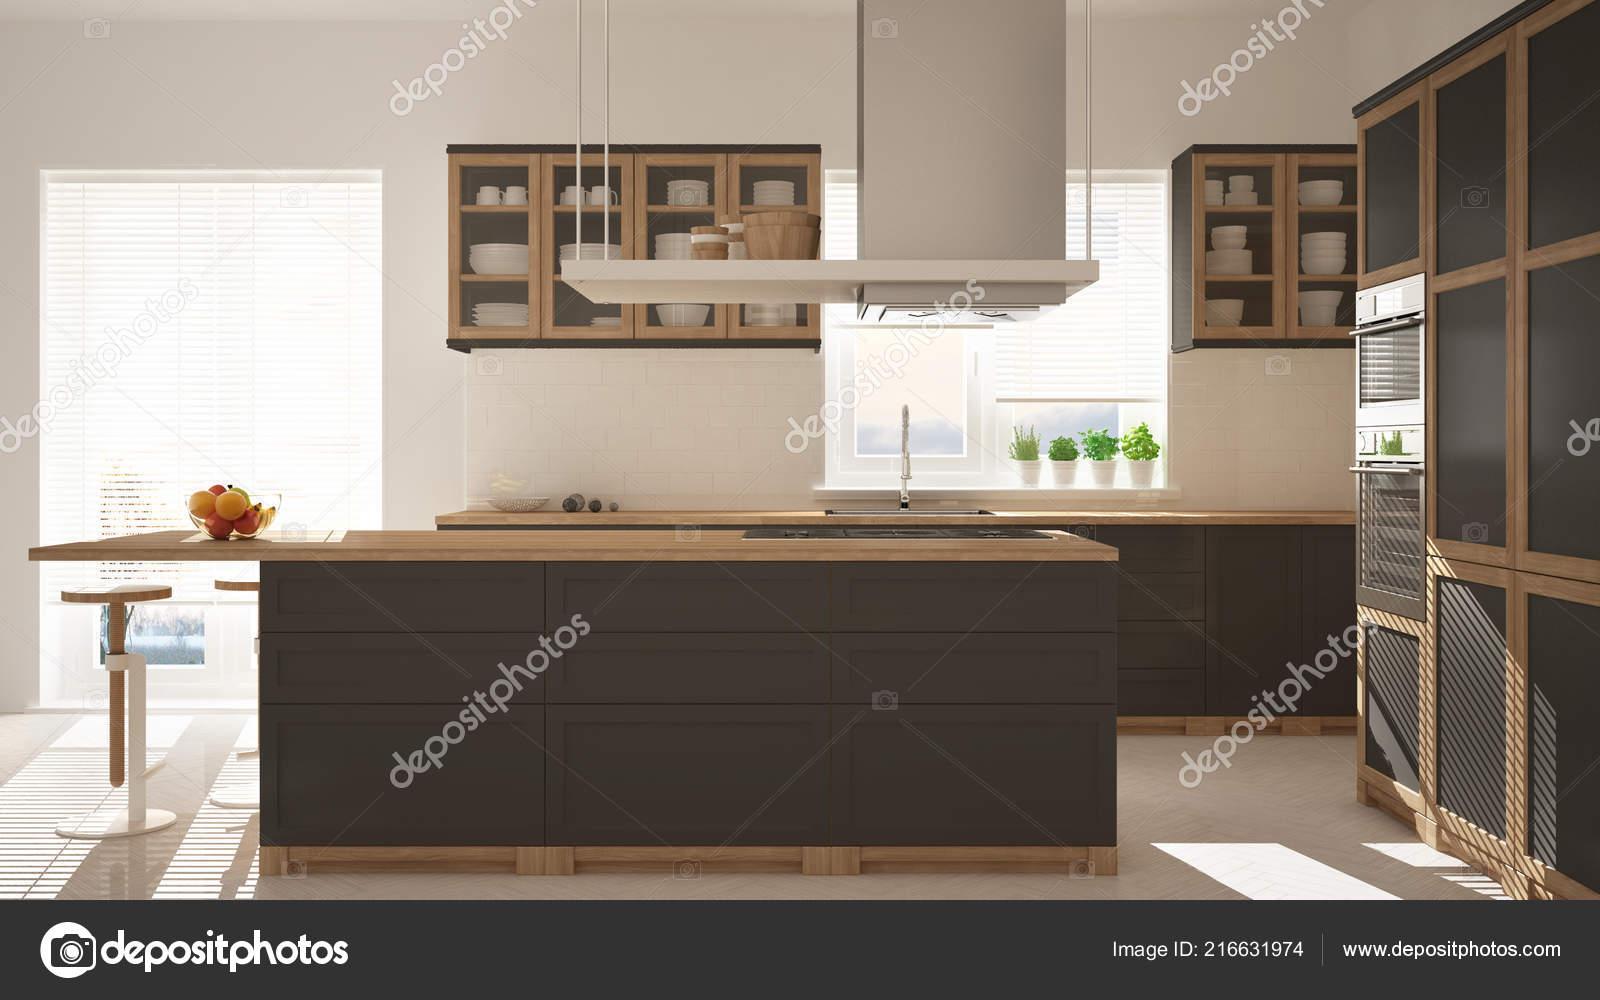 Cucina moderna legno grigio con isola sgabelli finestre pavimento